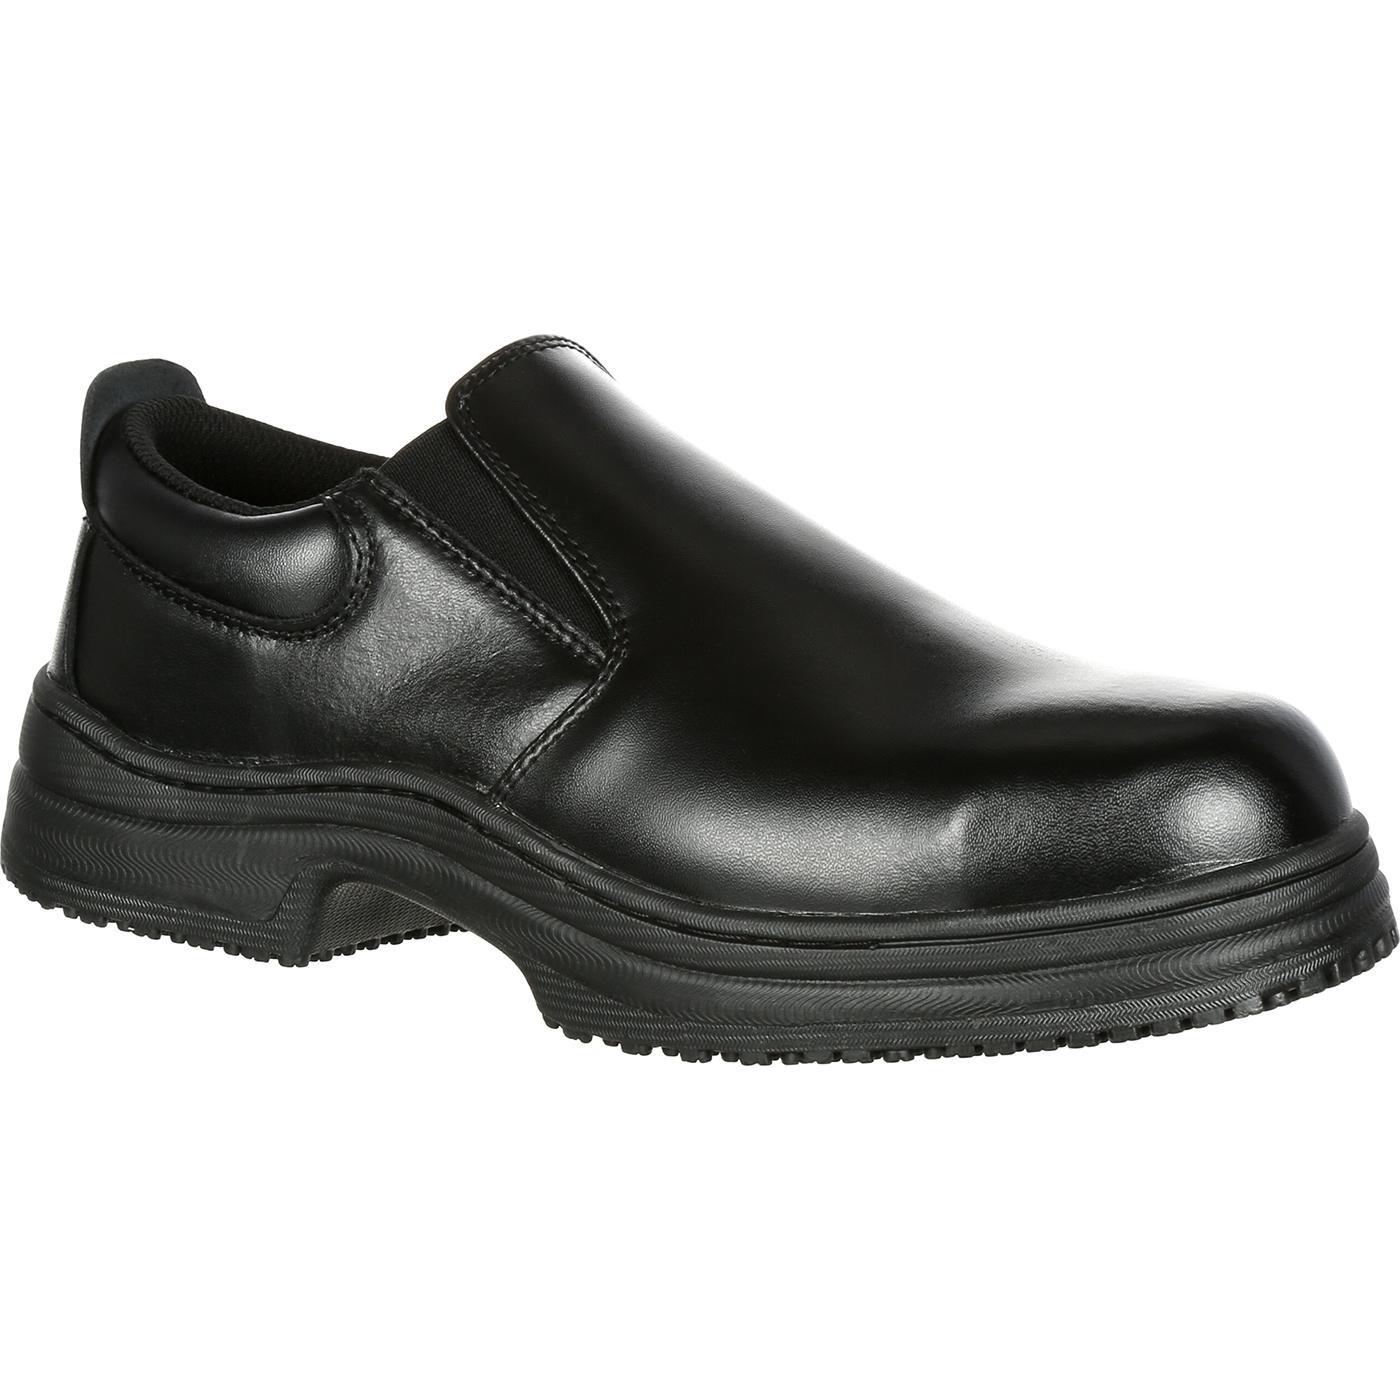 slipgrips steel toe slip resistant slip on work shoe sg7437